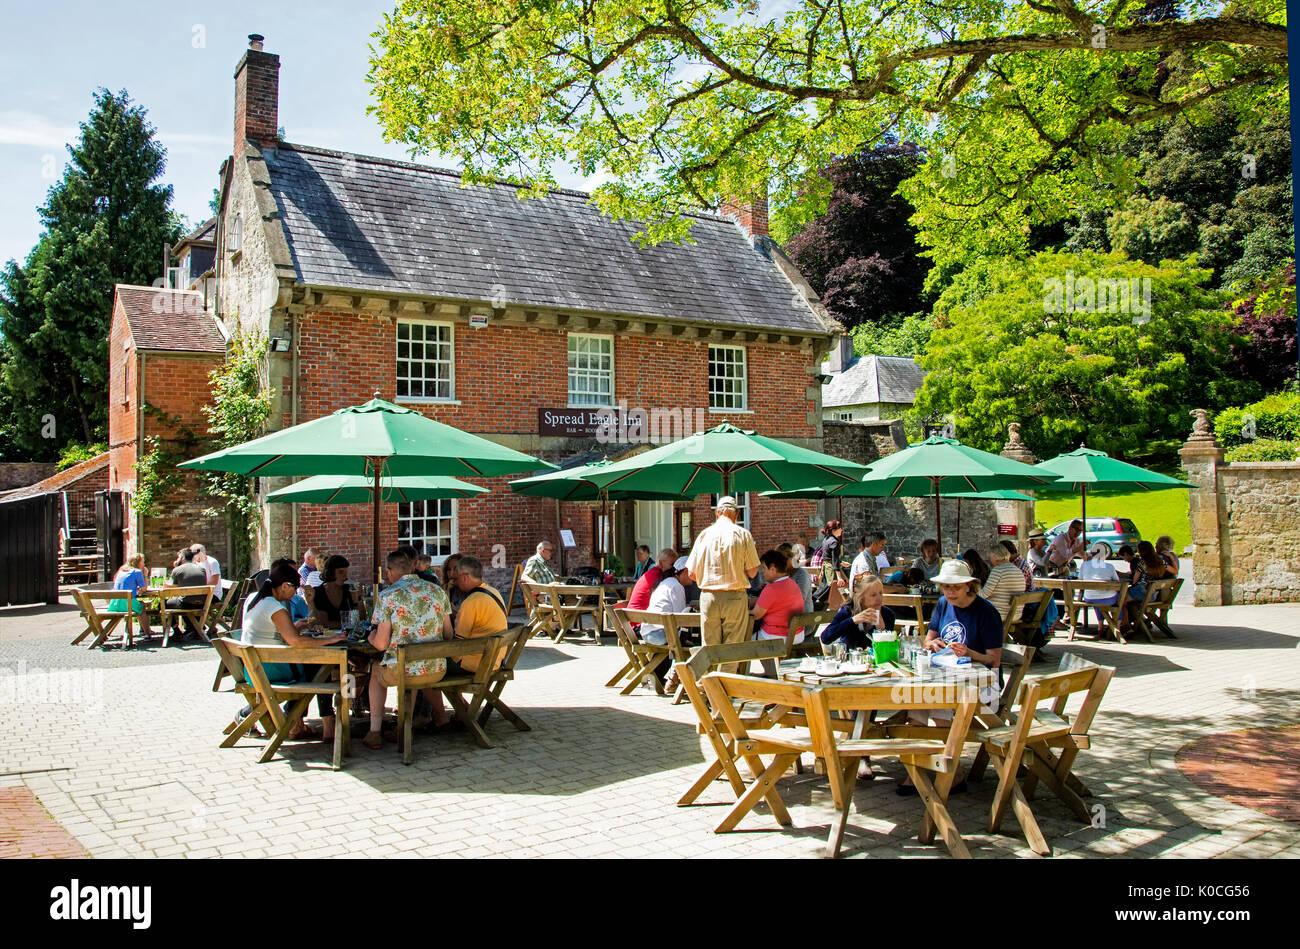 summer pub scene UK countryside - Stock Image